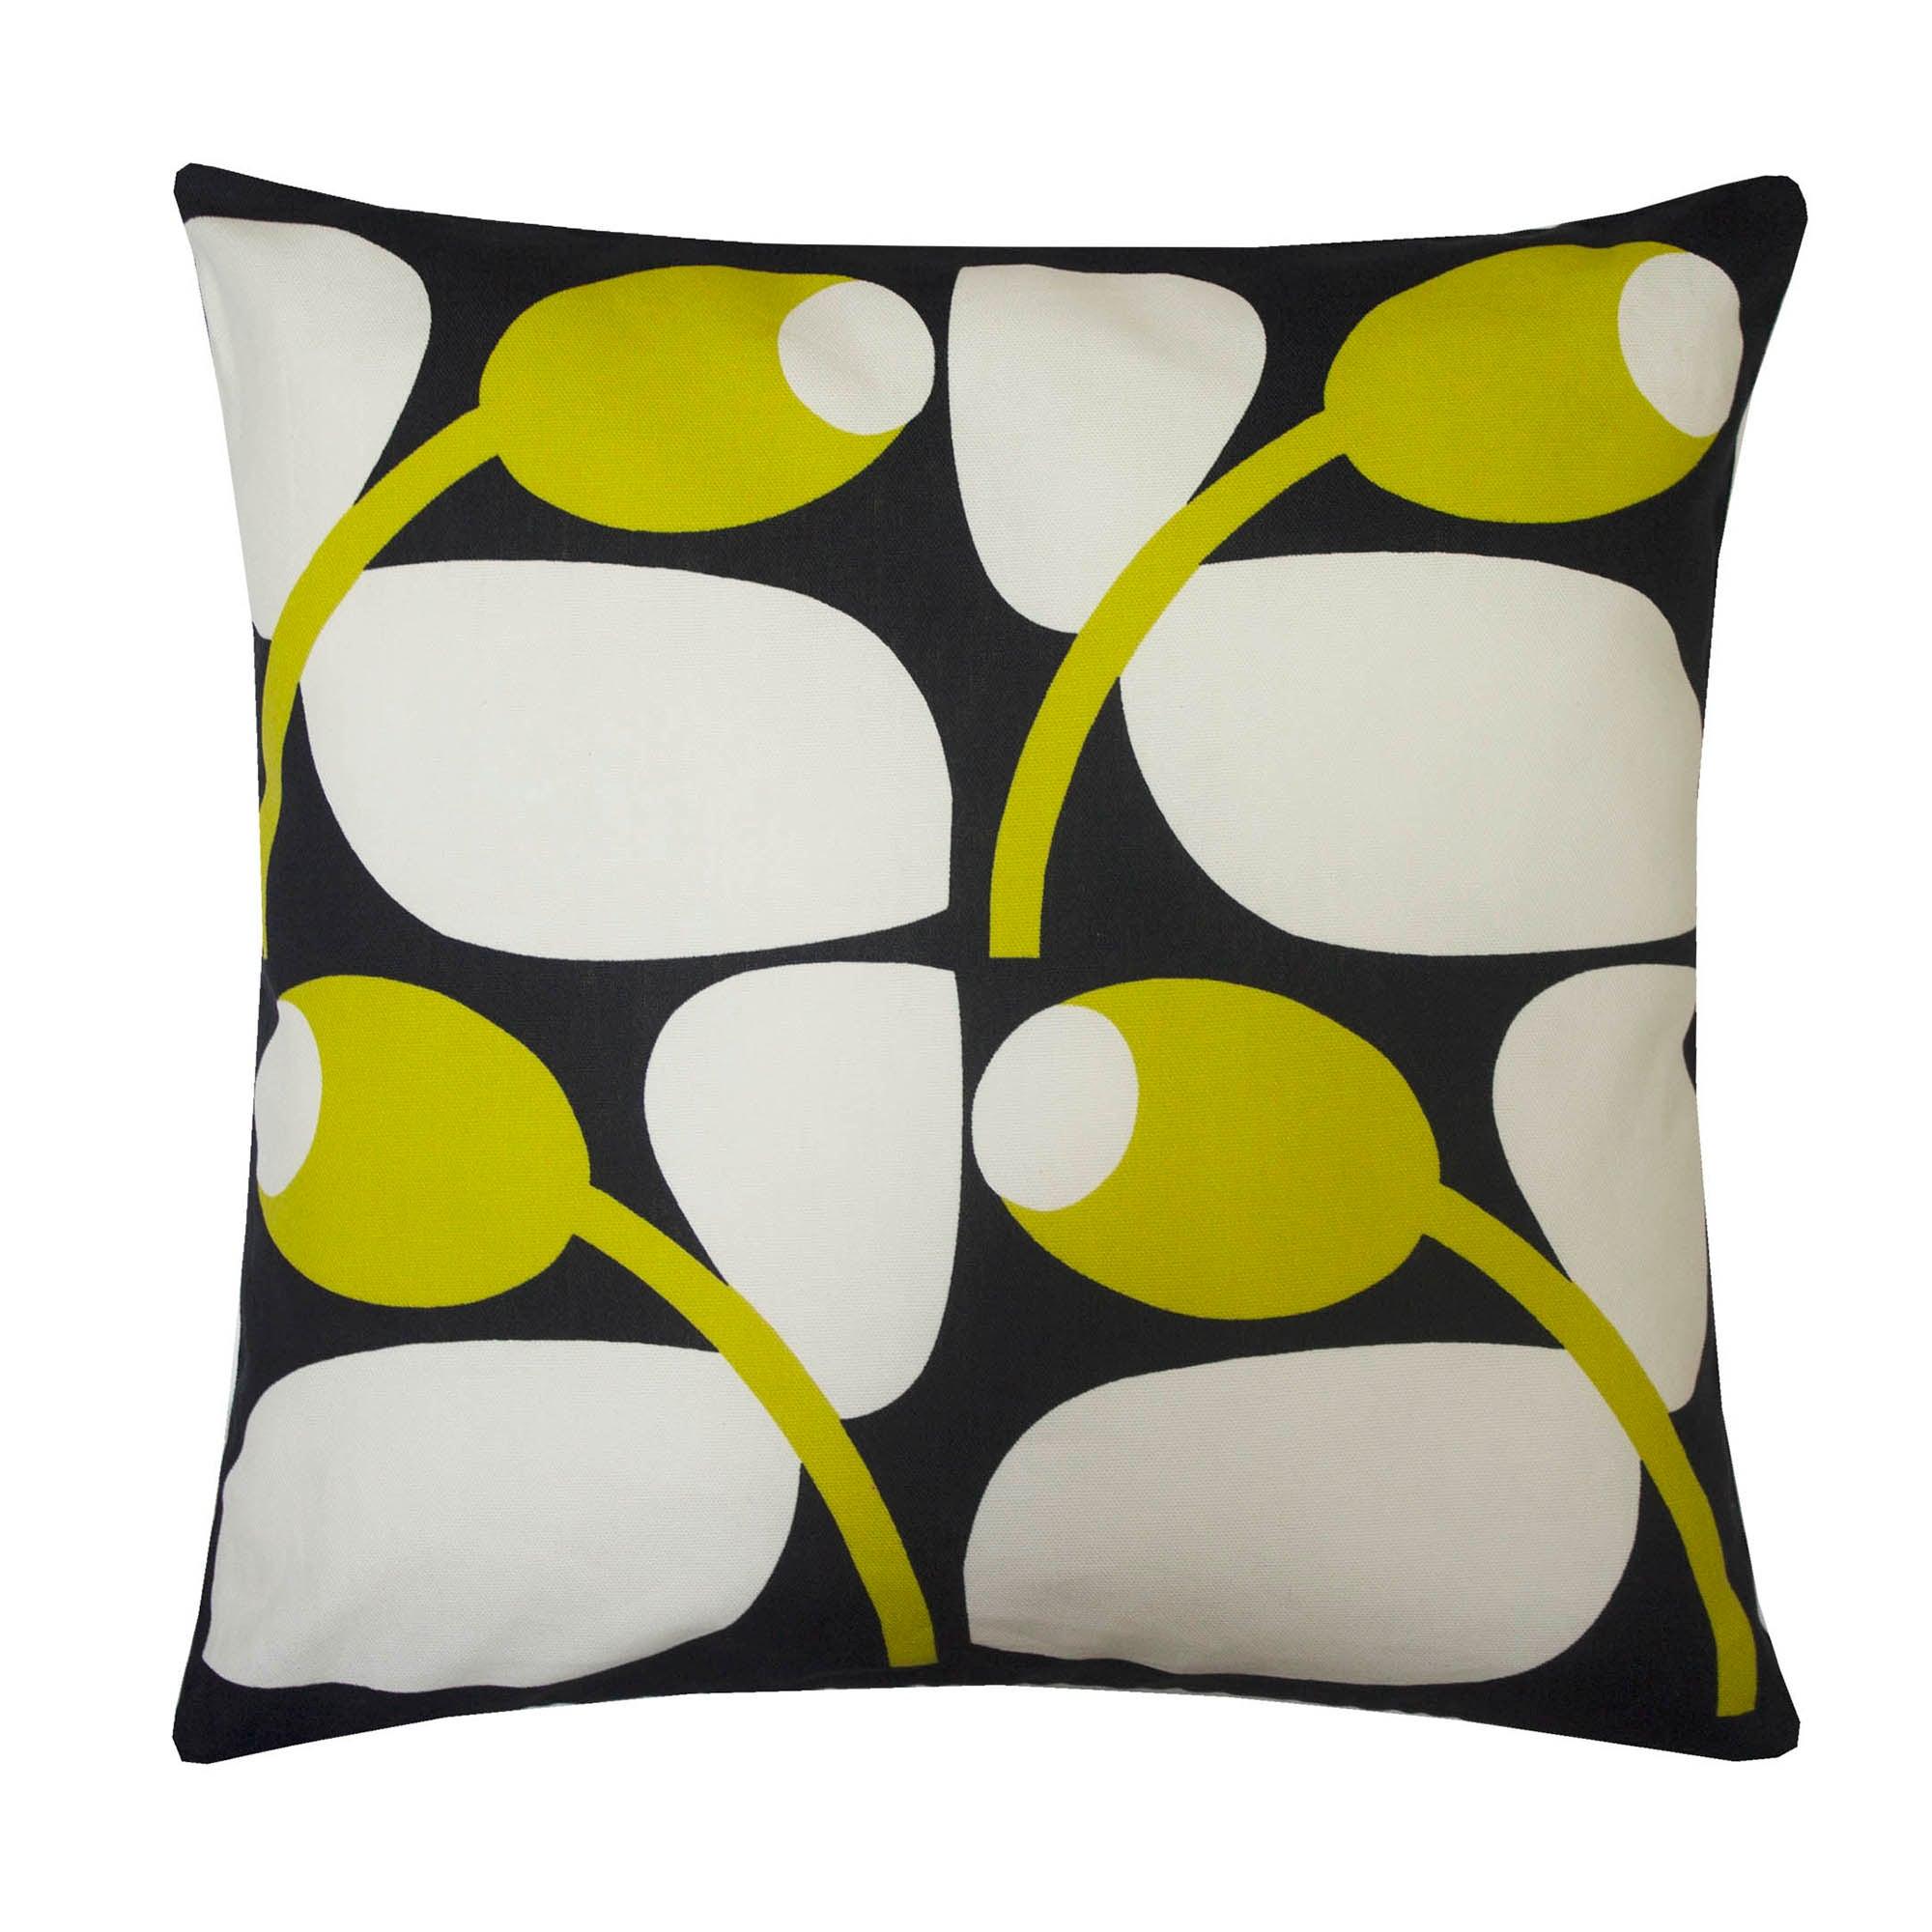 Image of Olive and Orange Olive Sunflower Cushion Sunflower